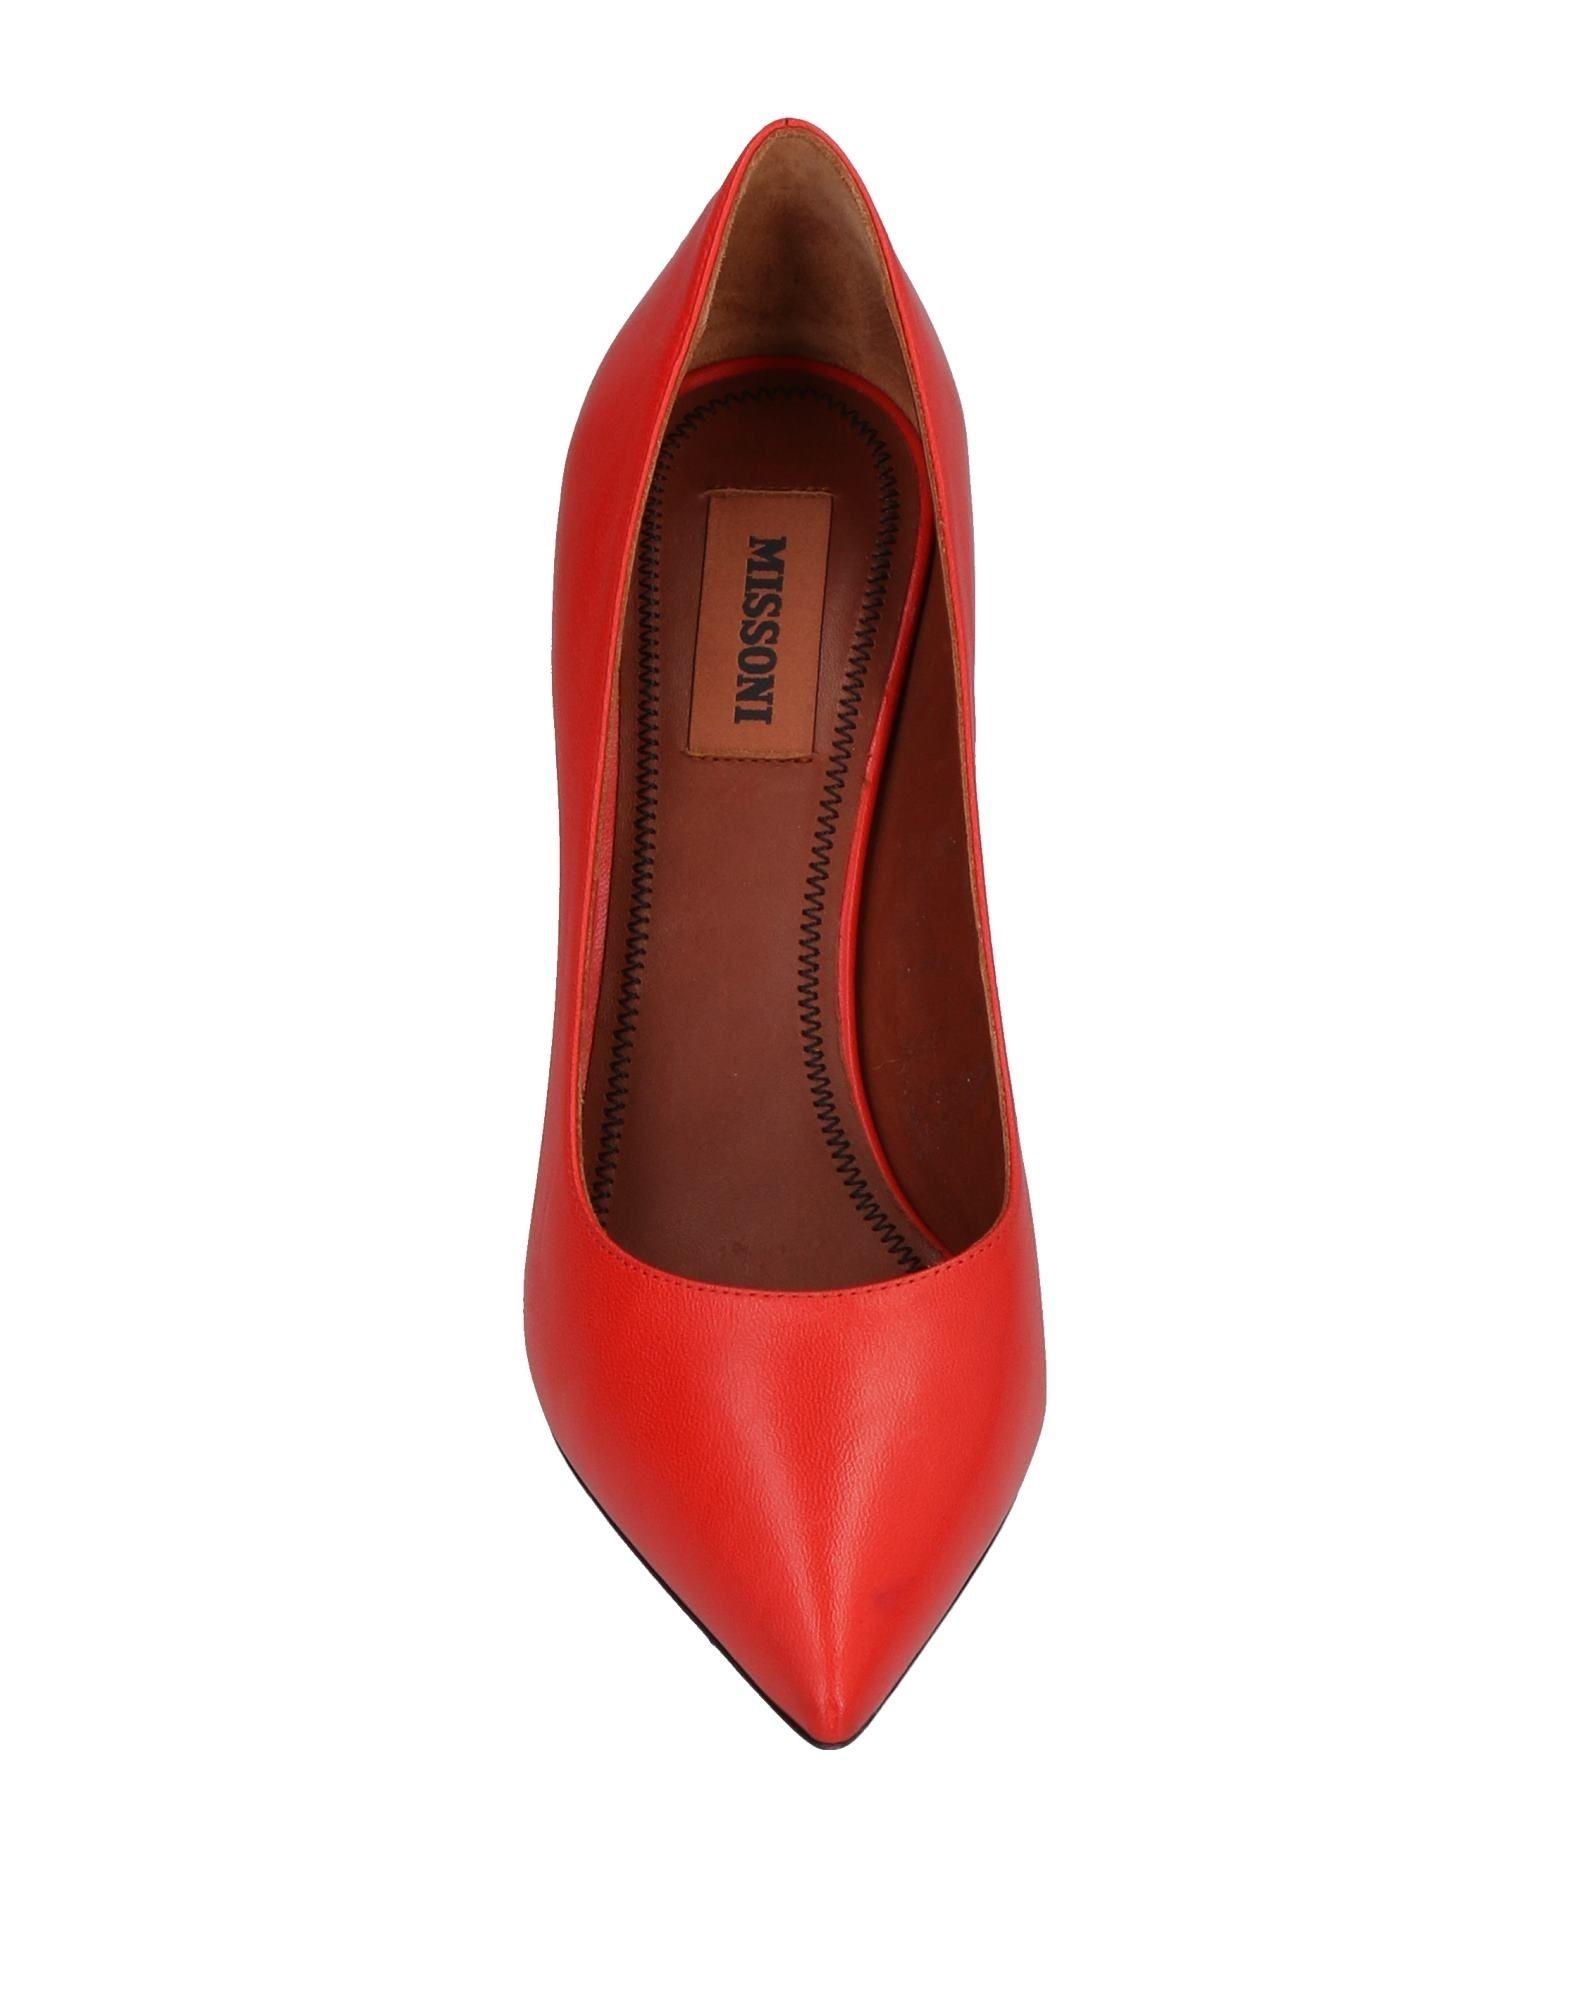 Stilvolle billige Schuhe Missoni Pumps 11482504EW Damen  11482504EW Pumps b0b8b2